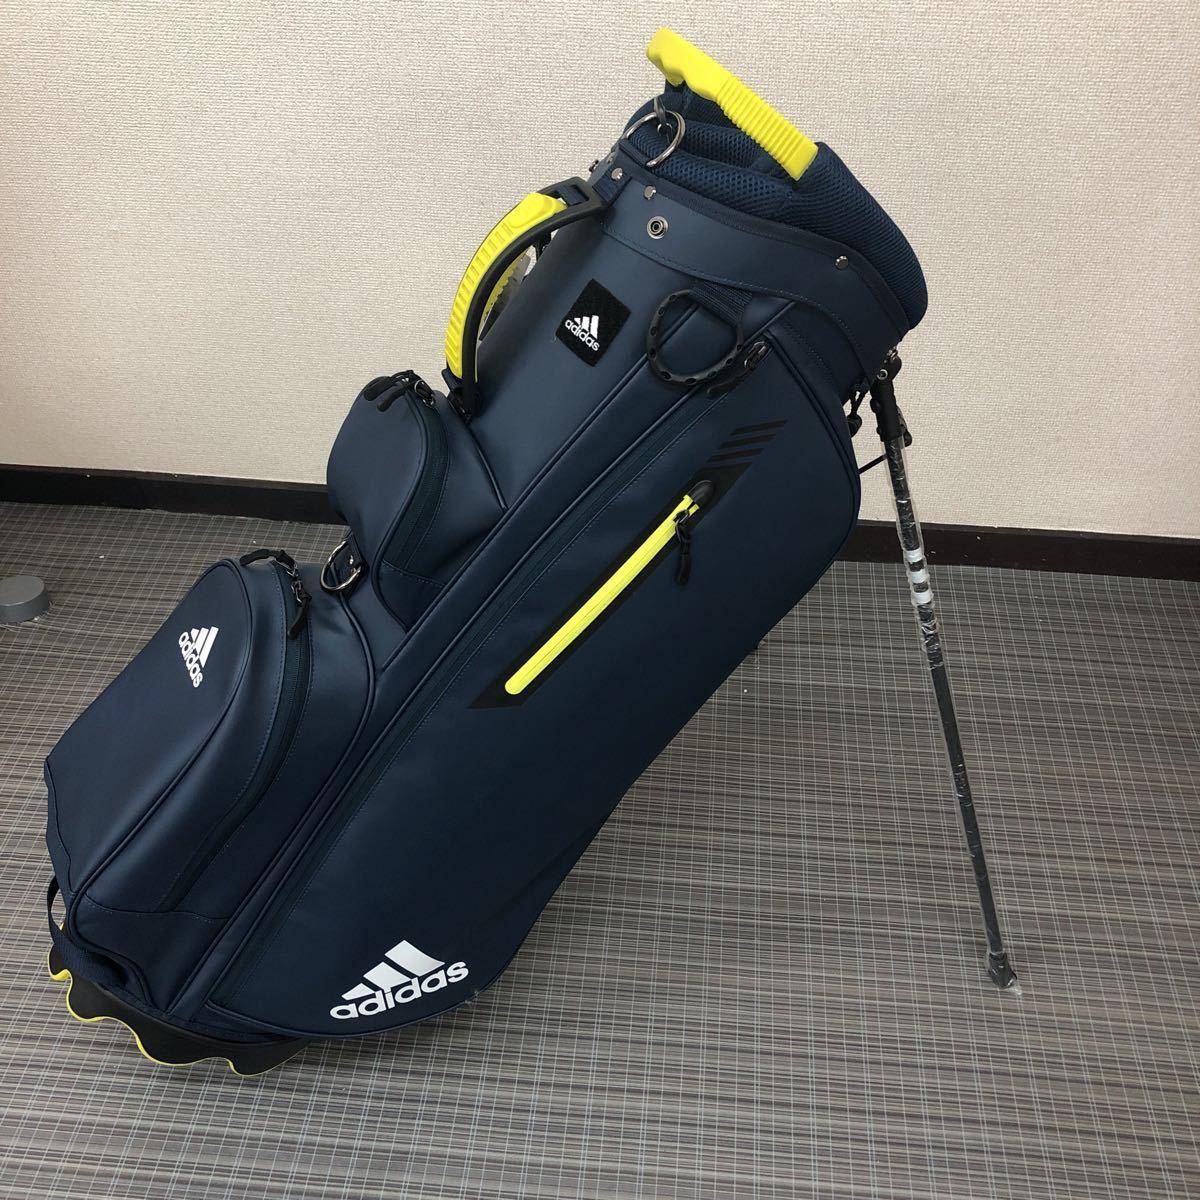 未使用品 アディダス adidas ゴルフ スタンド付き キャディバッグ ネイビー_画像2